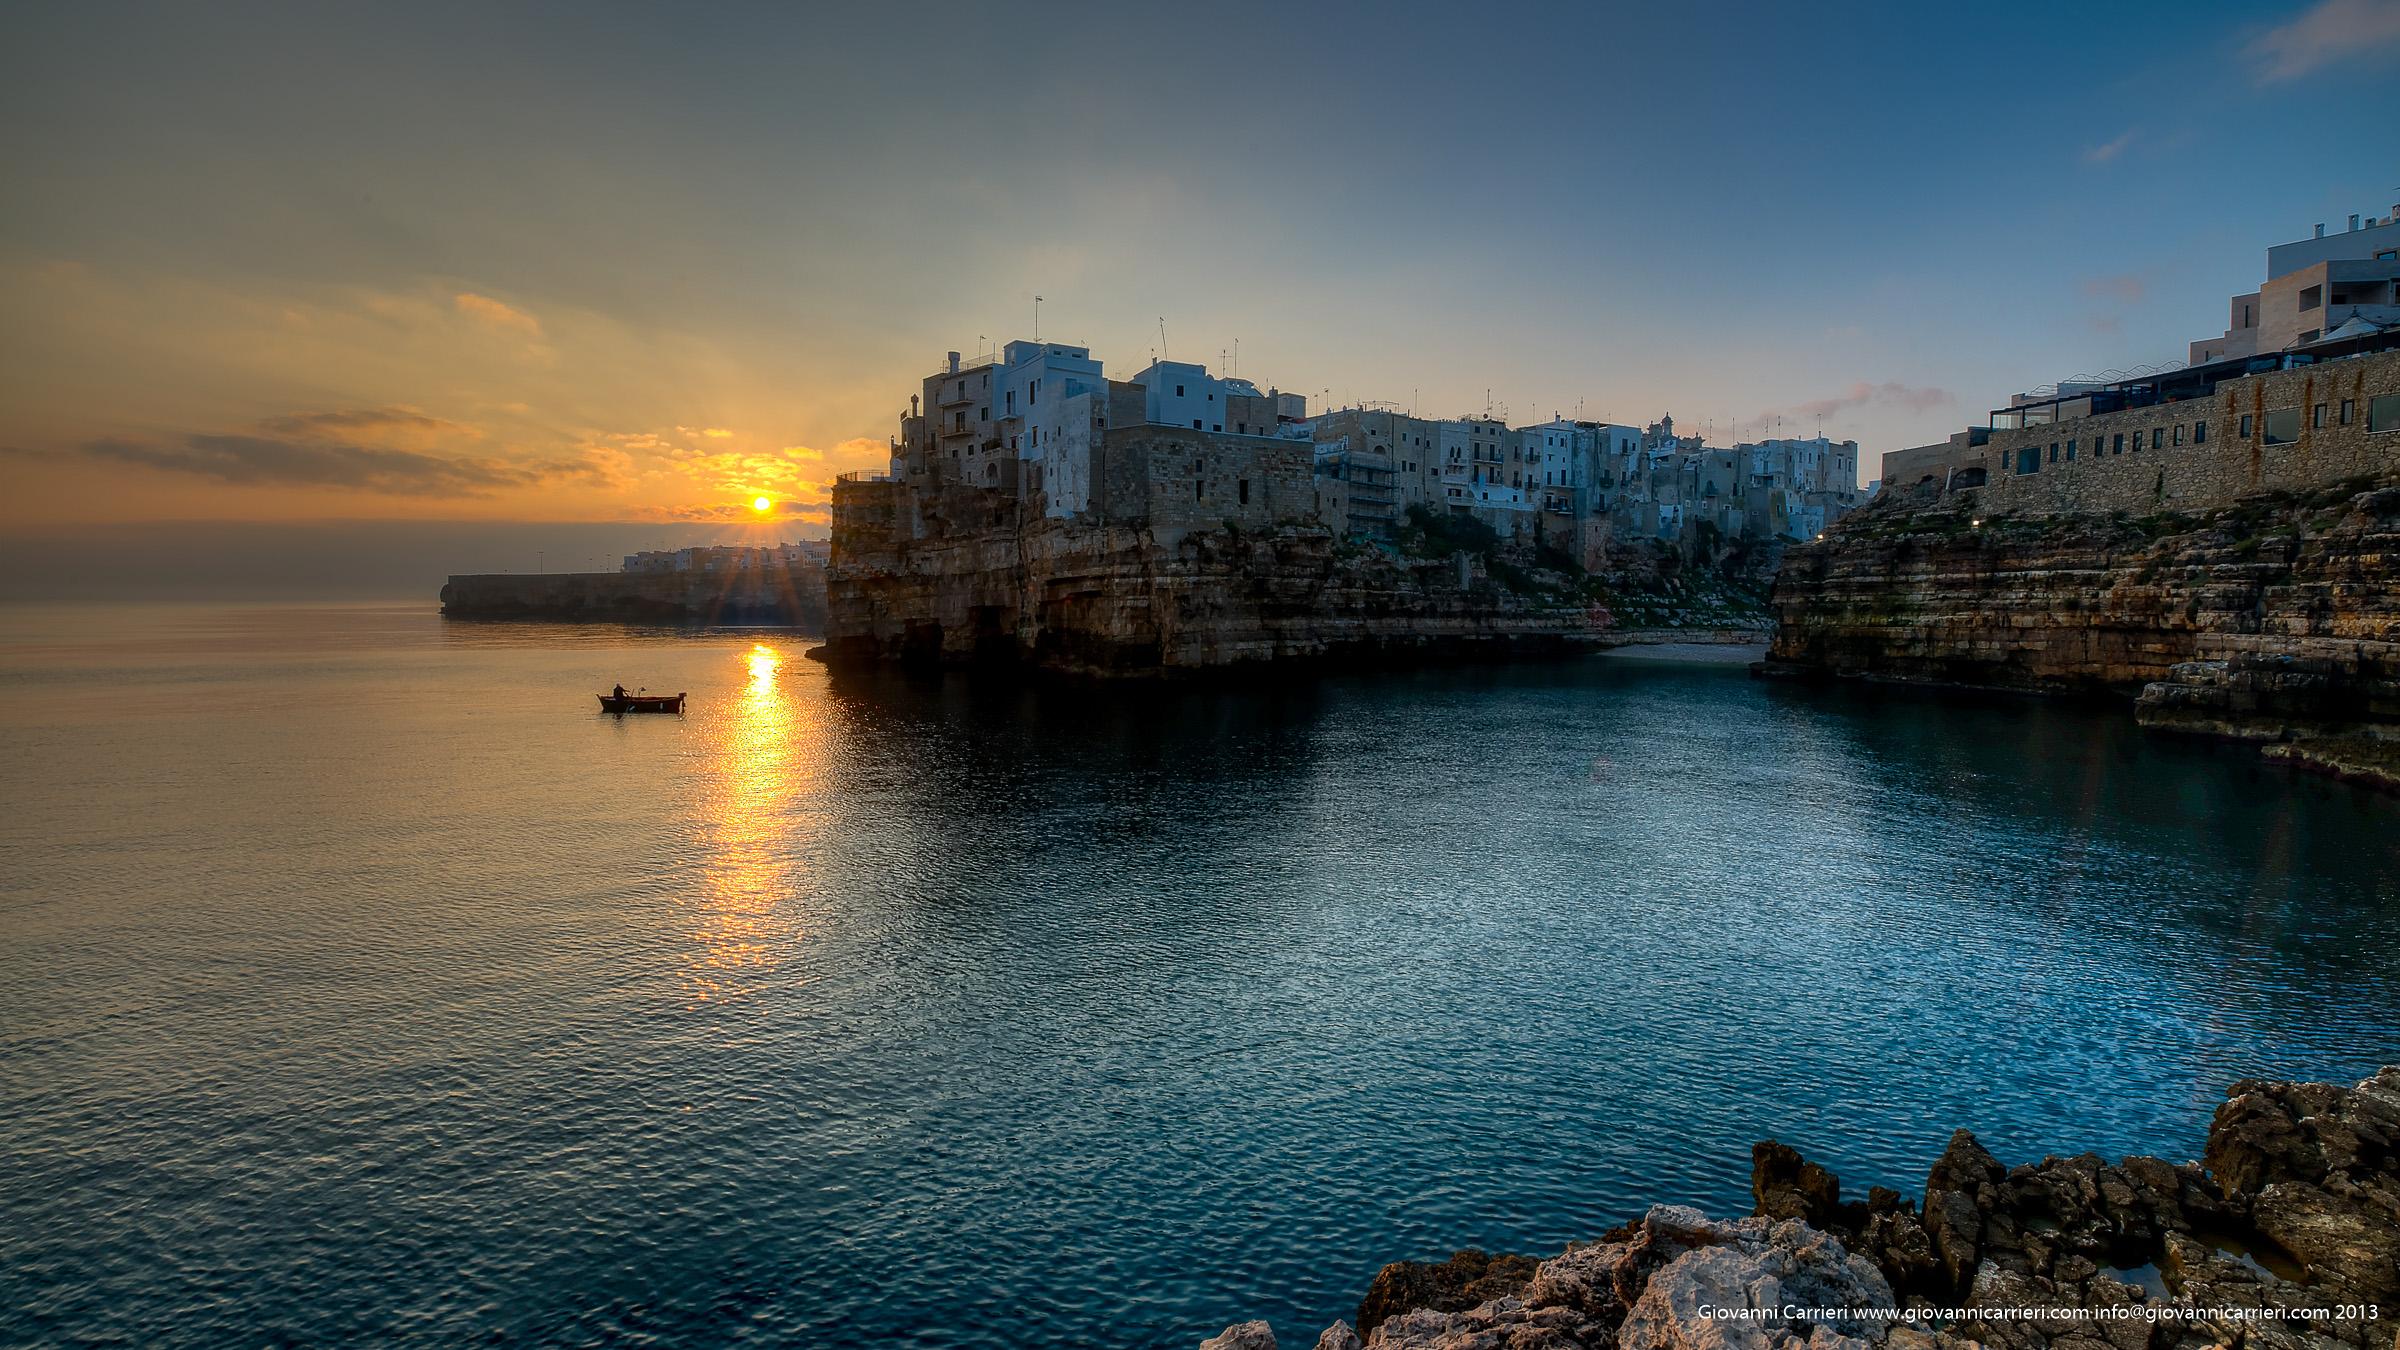 Newly risen sun - Polignano a Mare